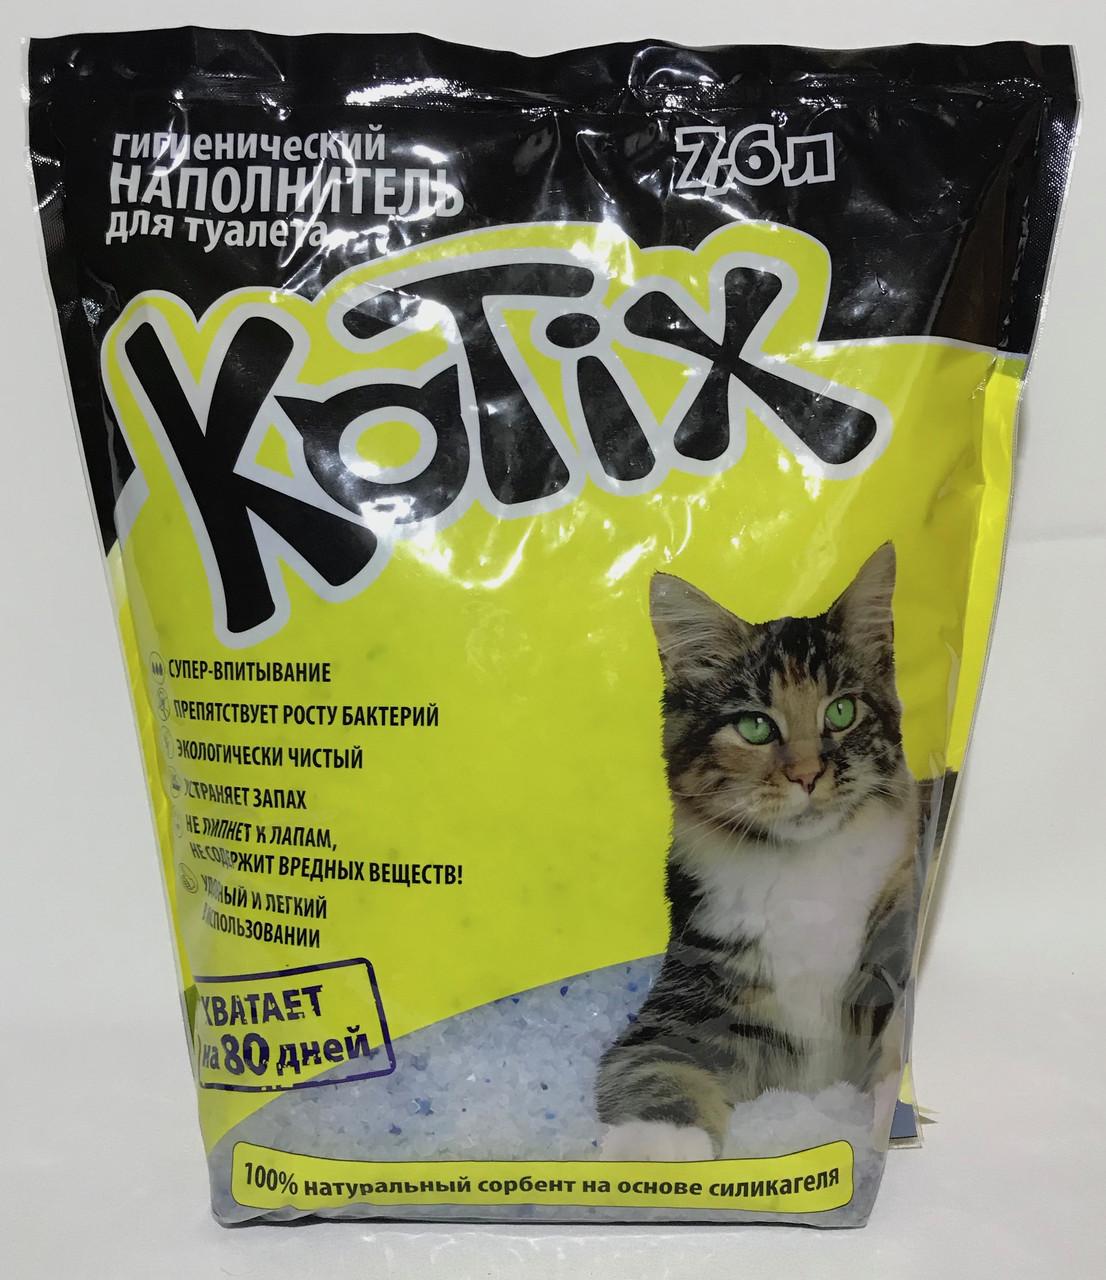 Наповнювач Kotix 3,3 кг (7,6 л) силікагелевий для туалетів для кішок